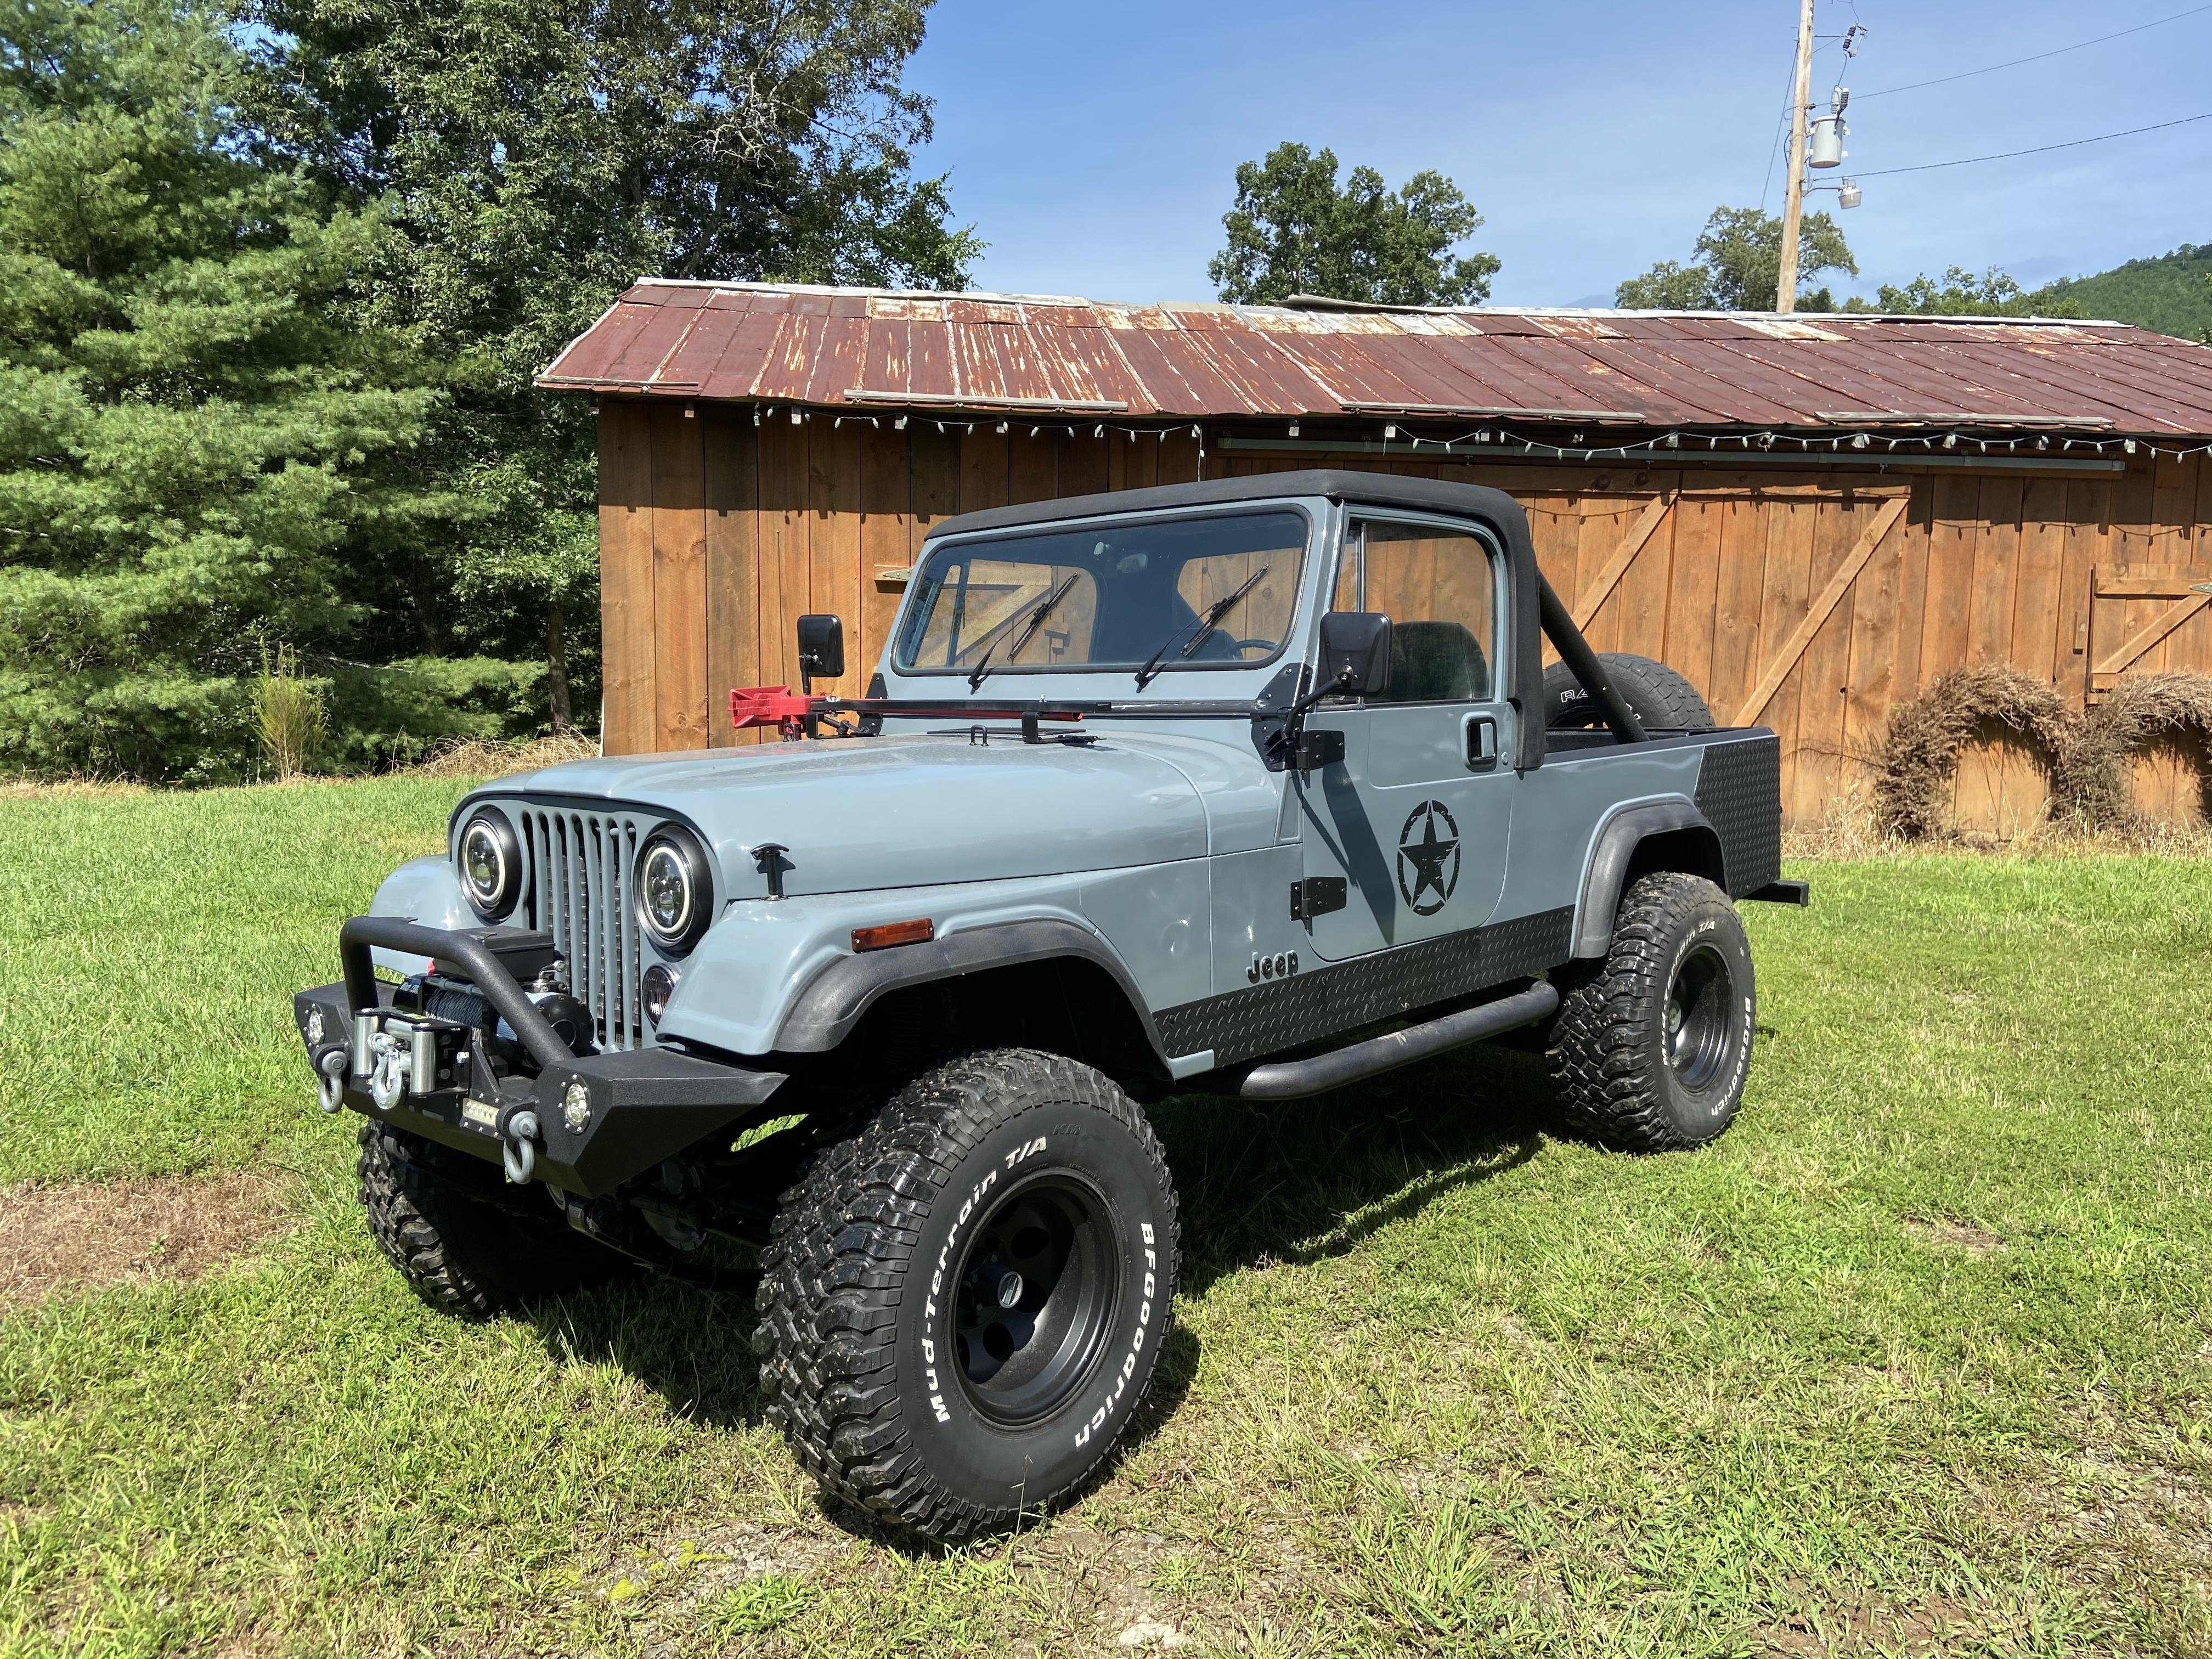 Jeep Cj7 Scrambler Hire Murphy